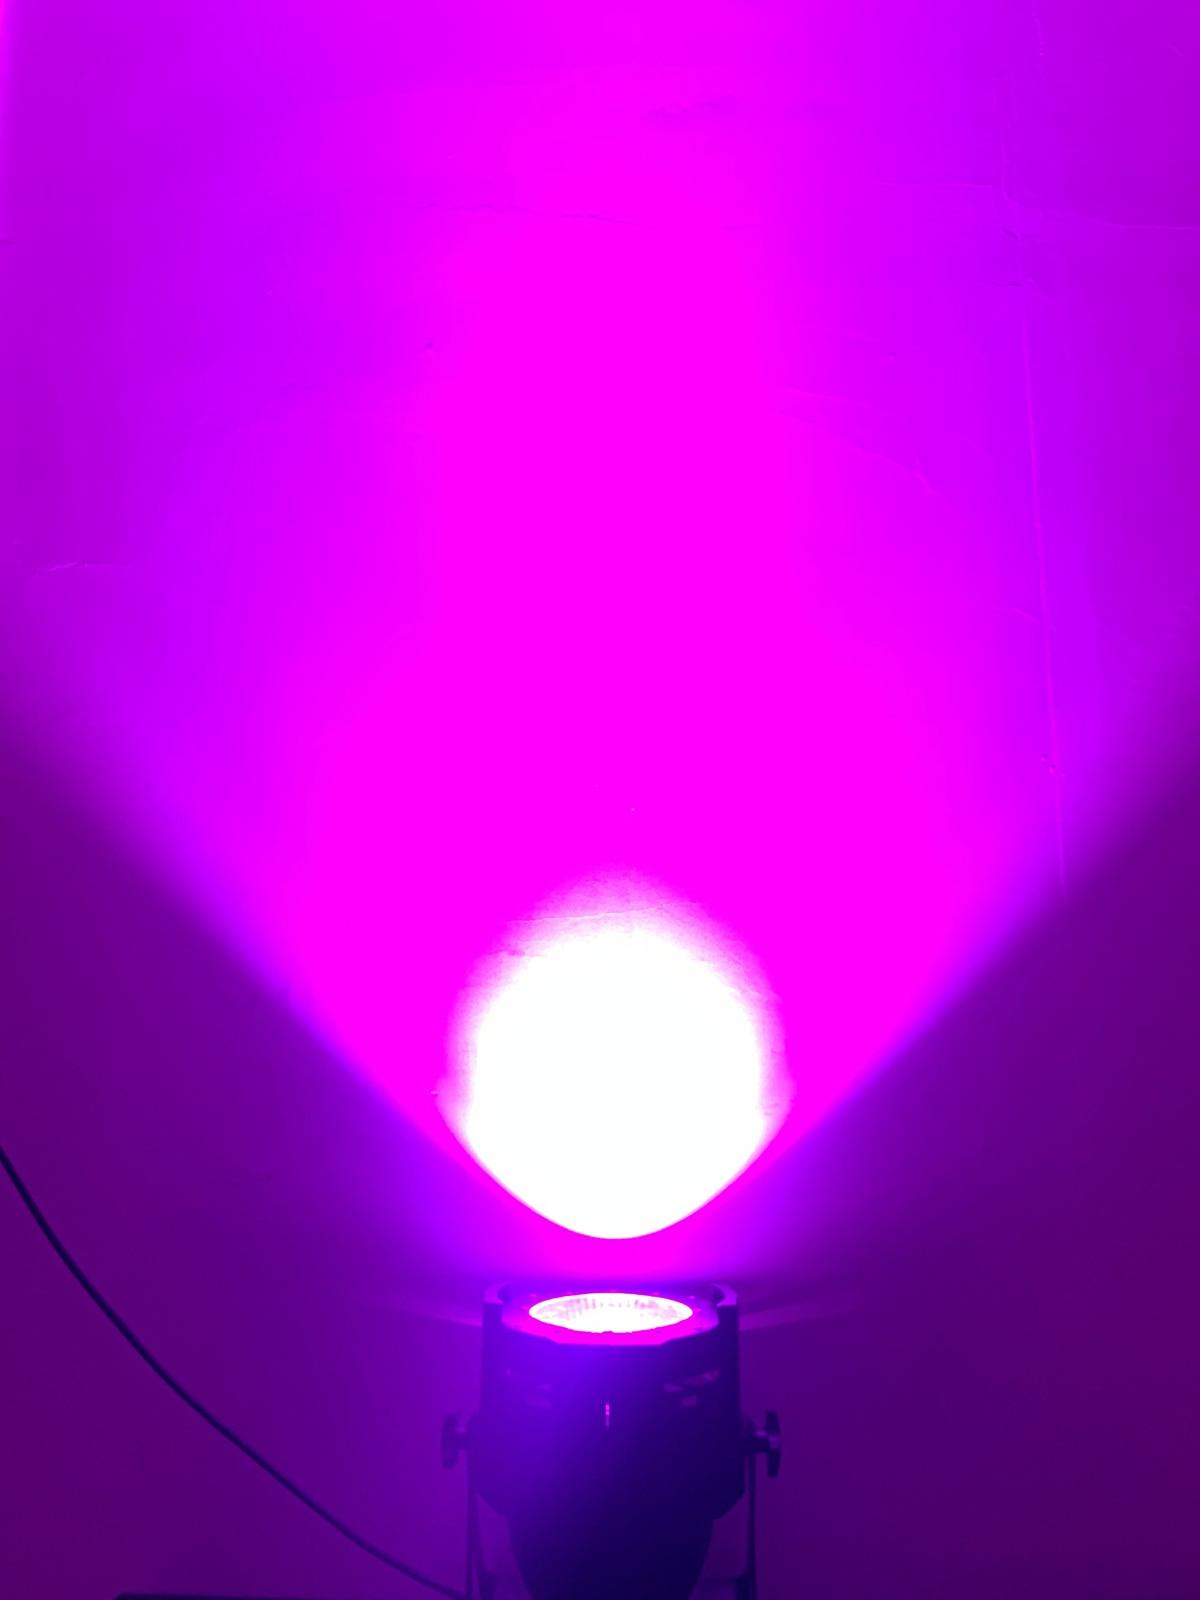 LED par 200 W COB RGBWA UV 5in1/RGBW 4in1/rvb 3in1/blanc froid chaud LED UV Par Par64 LED projecteur lumière dj - 3